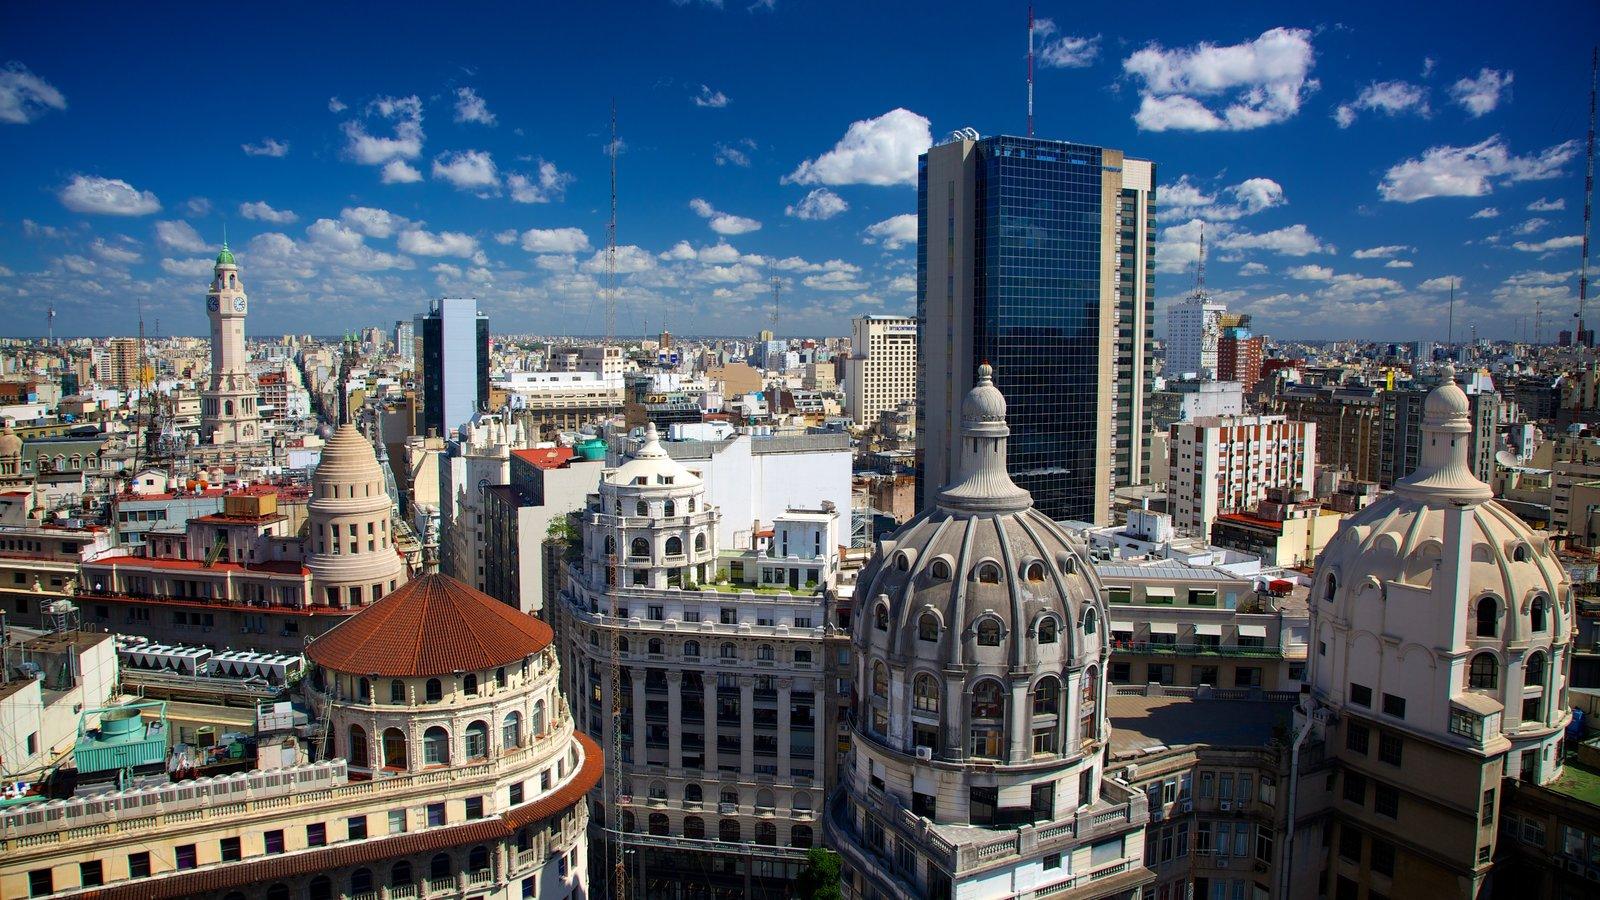 Buenos Aires que inclui um arranha-céu e uma cidade